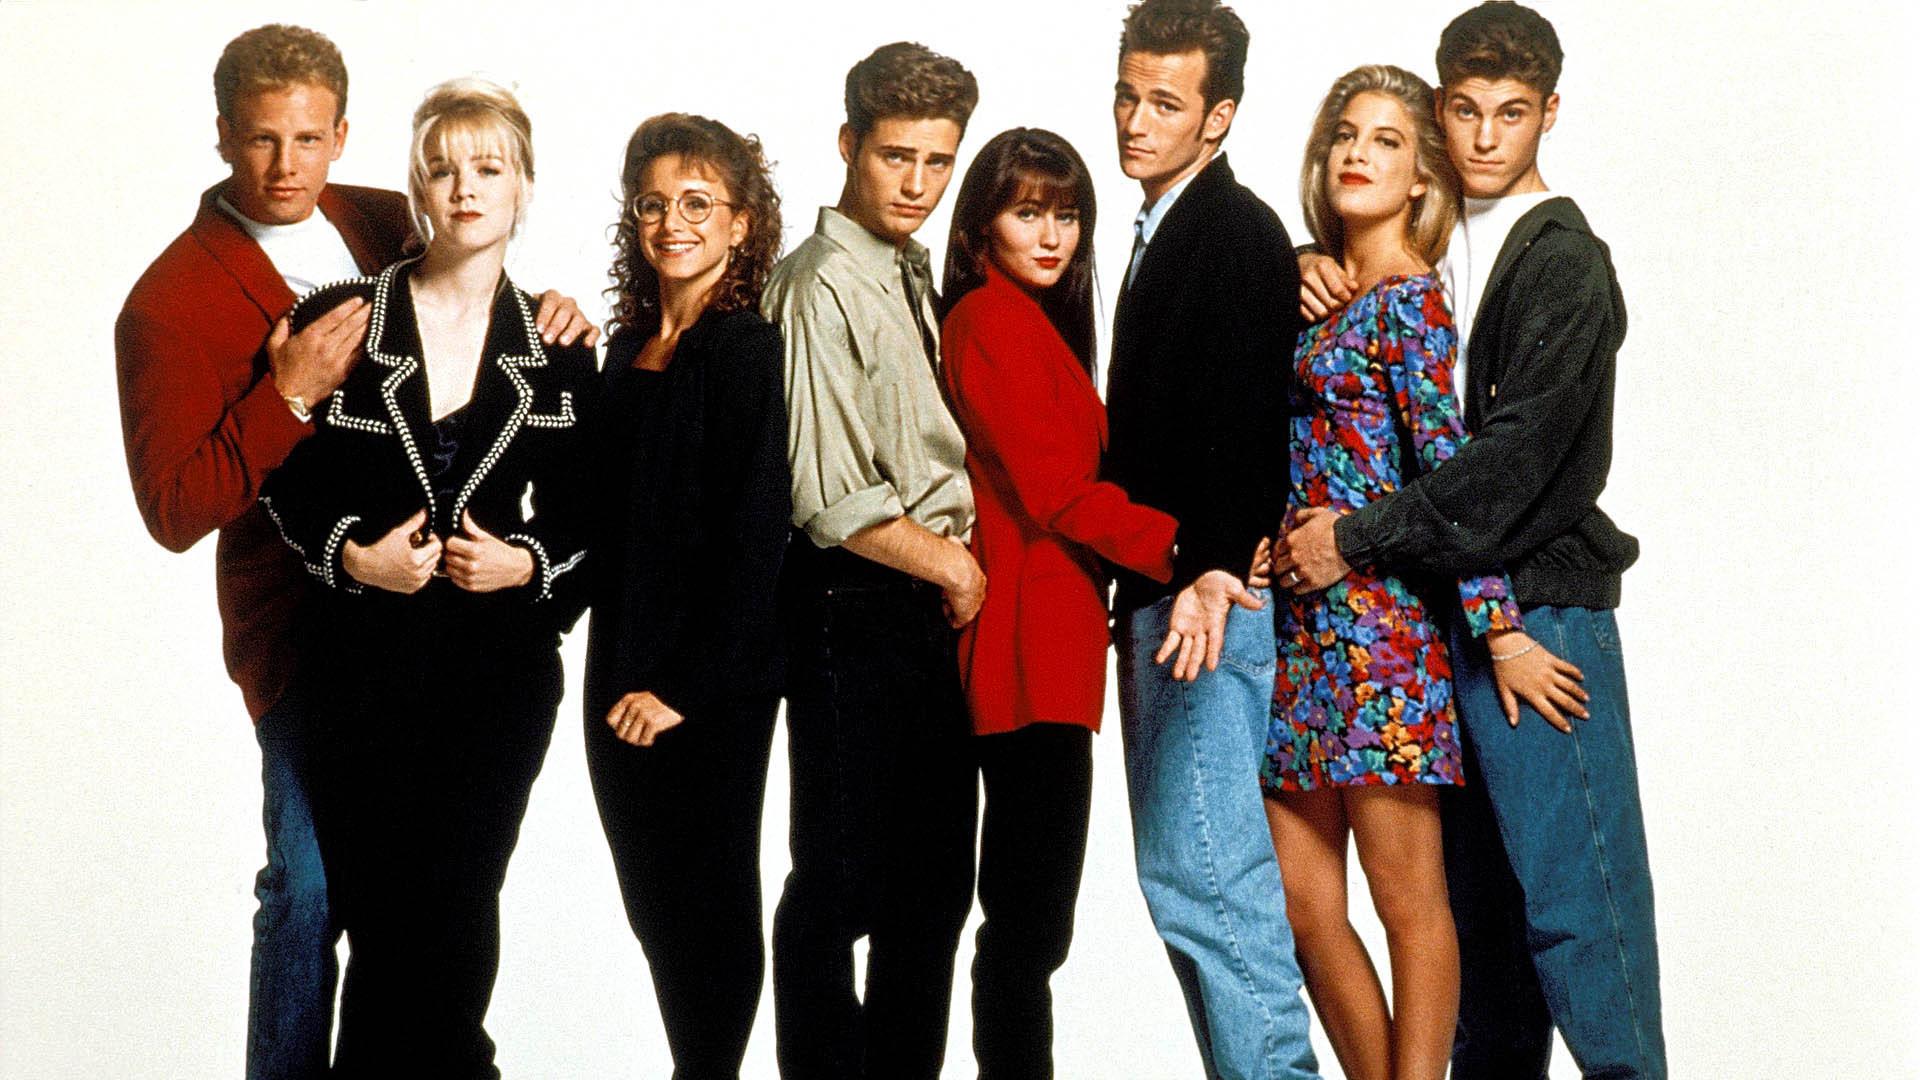 Актеры сериала «Беверли-Хиллз 90210»